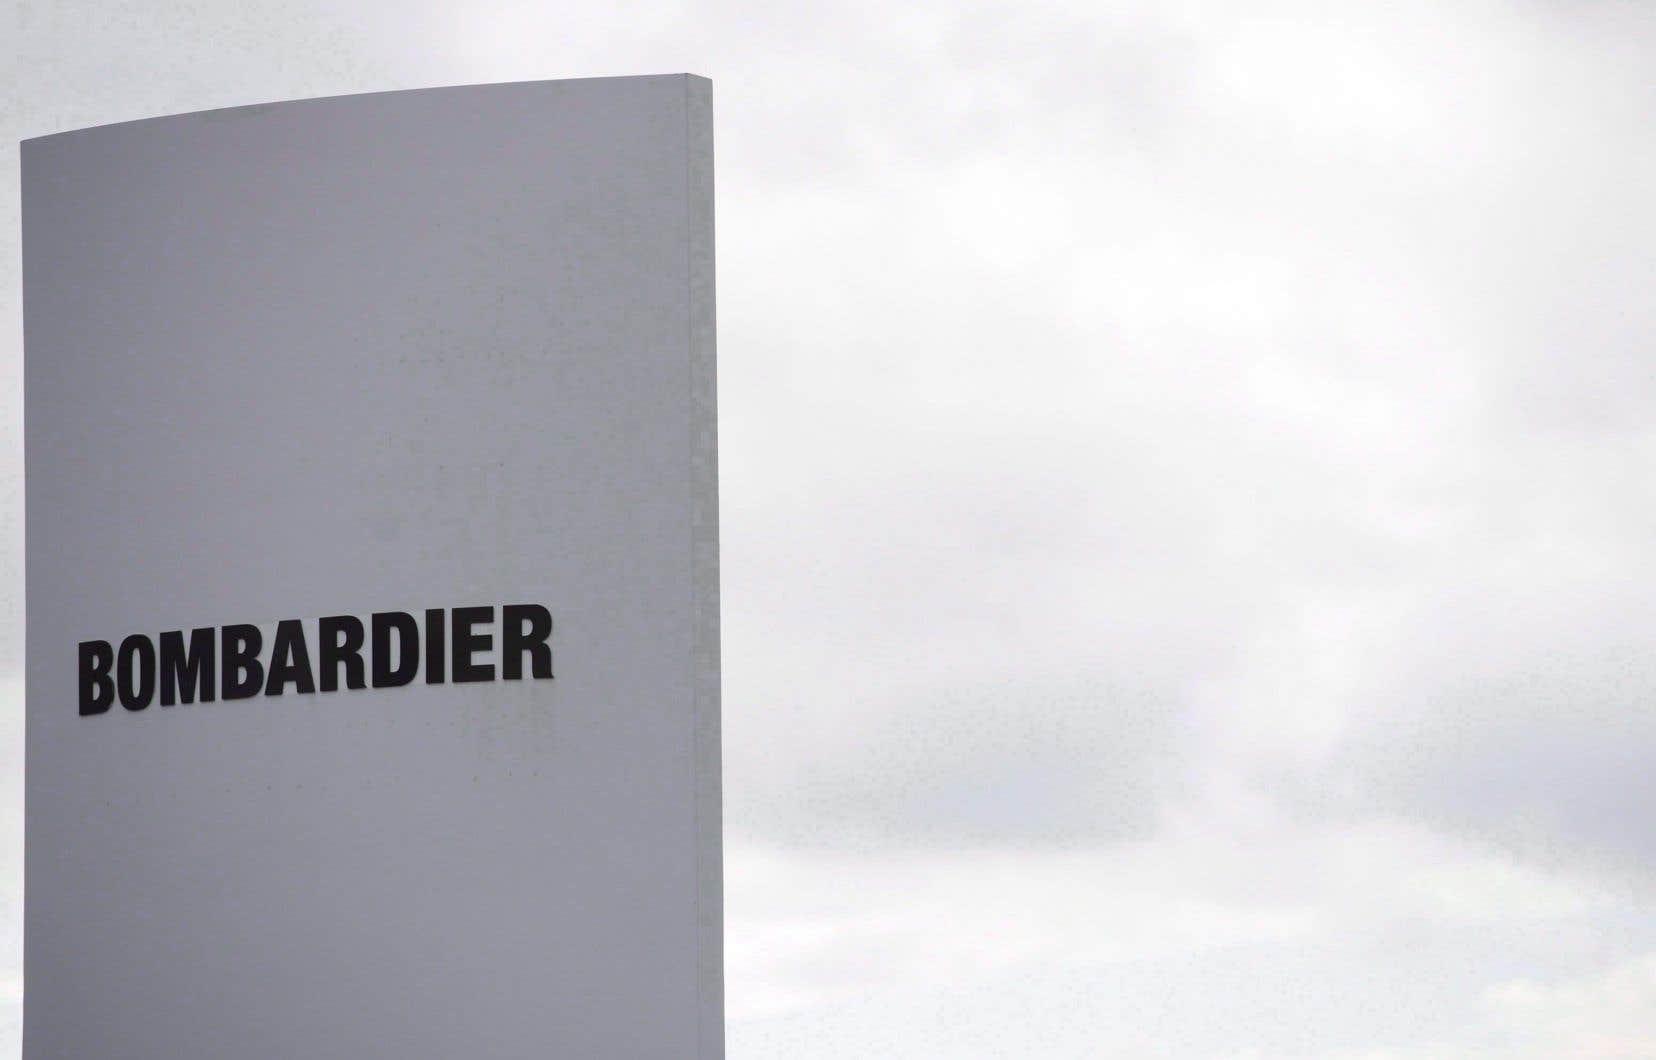 Même à son cours actuel, l'action de Bombardier a perdu la moitié de sa valeur au cours du dernier mois.